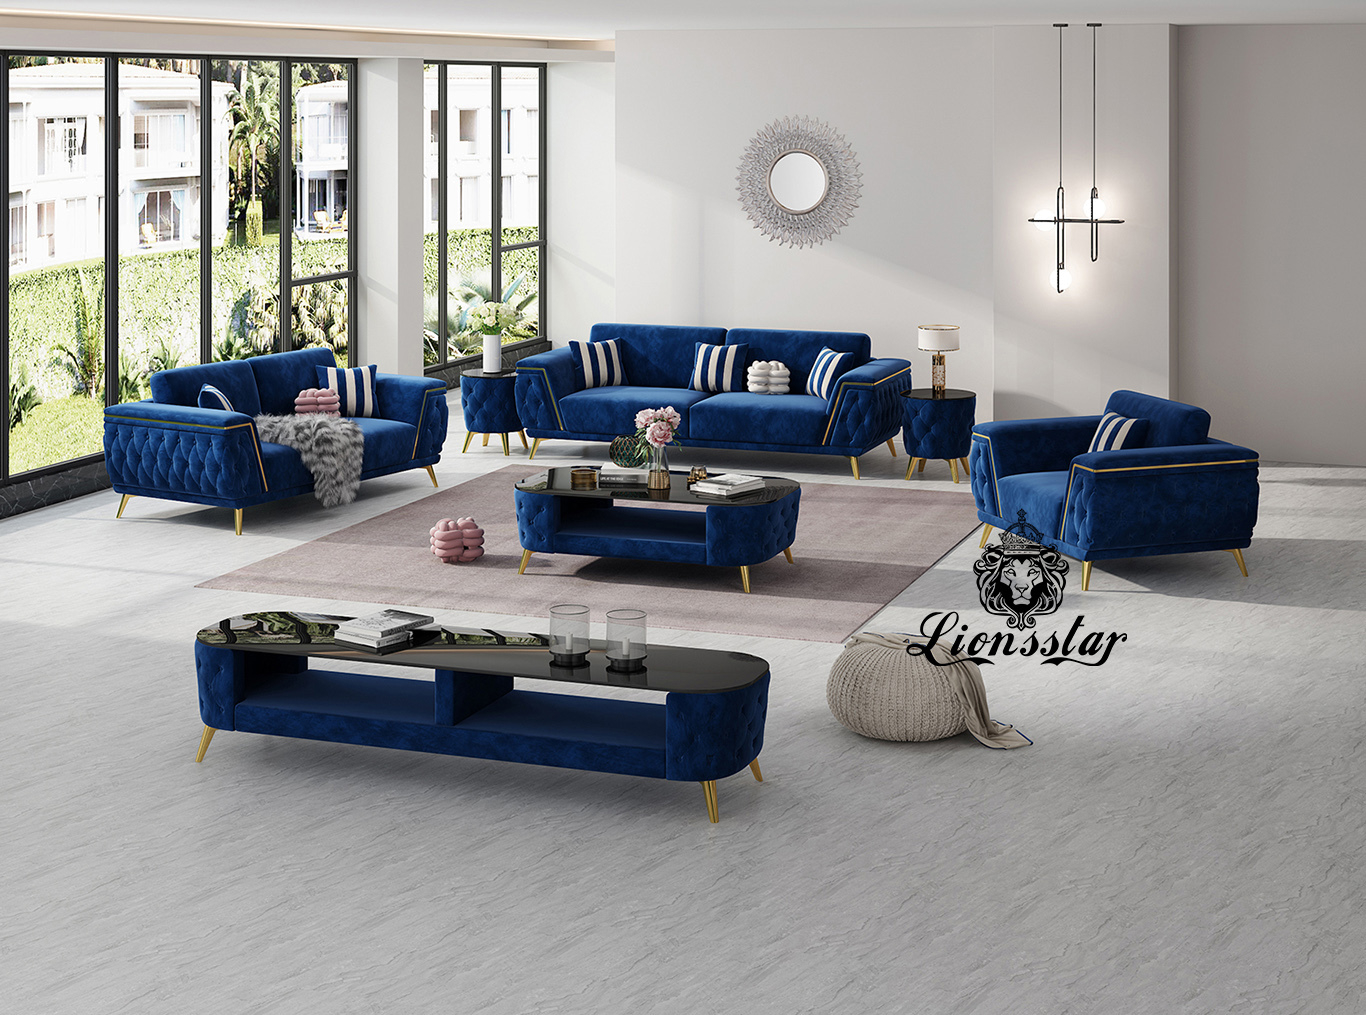 Luxus Designer Sofa Set Brighton